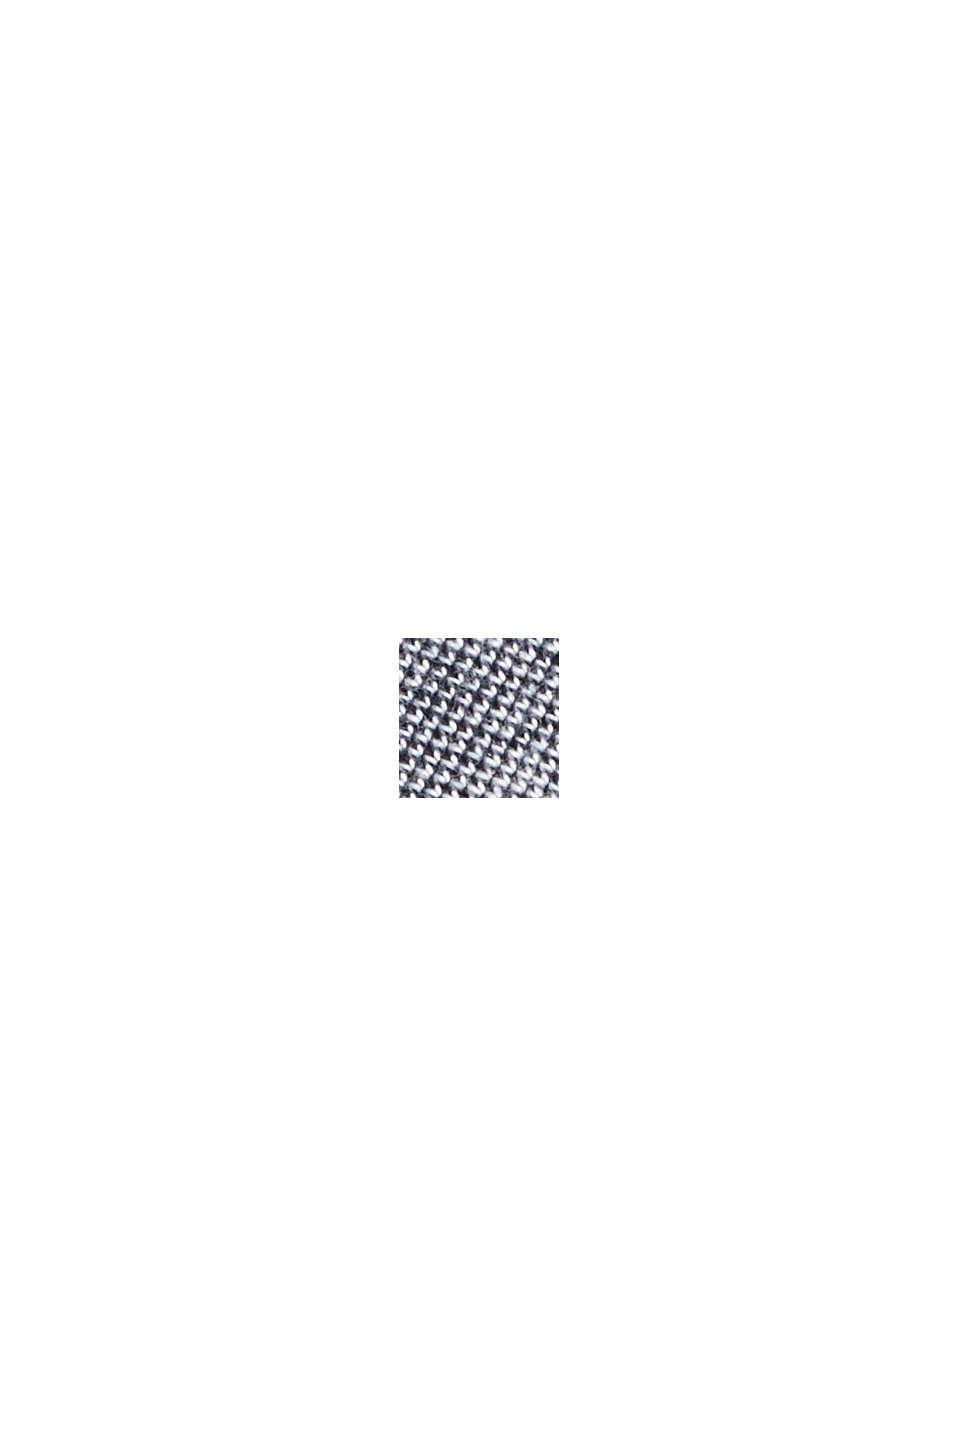 Jersey-Hemd aus 100% Baumwolle, NAVY, swatch